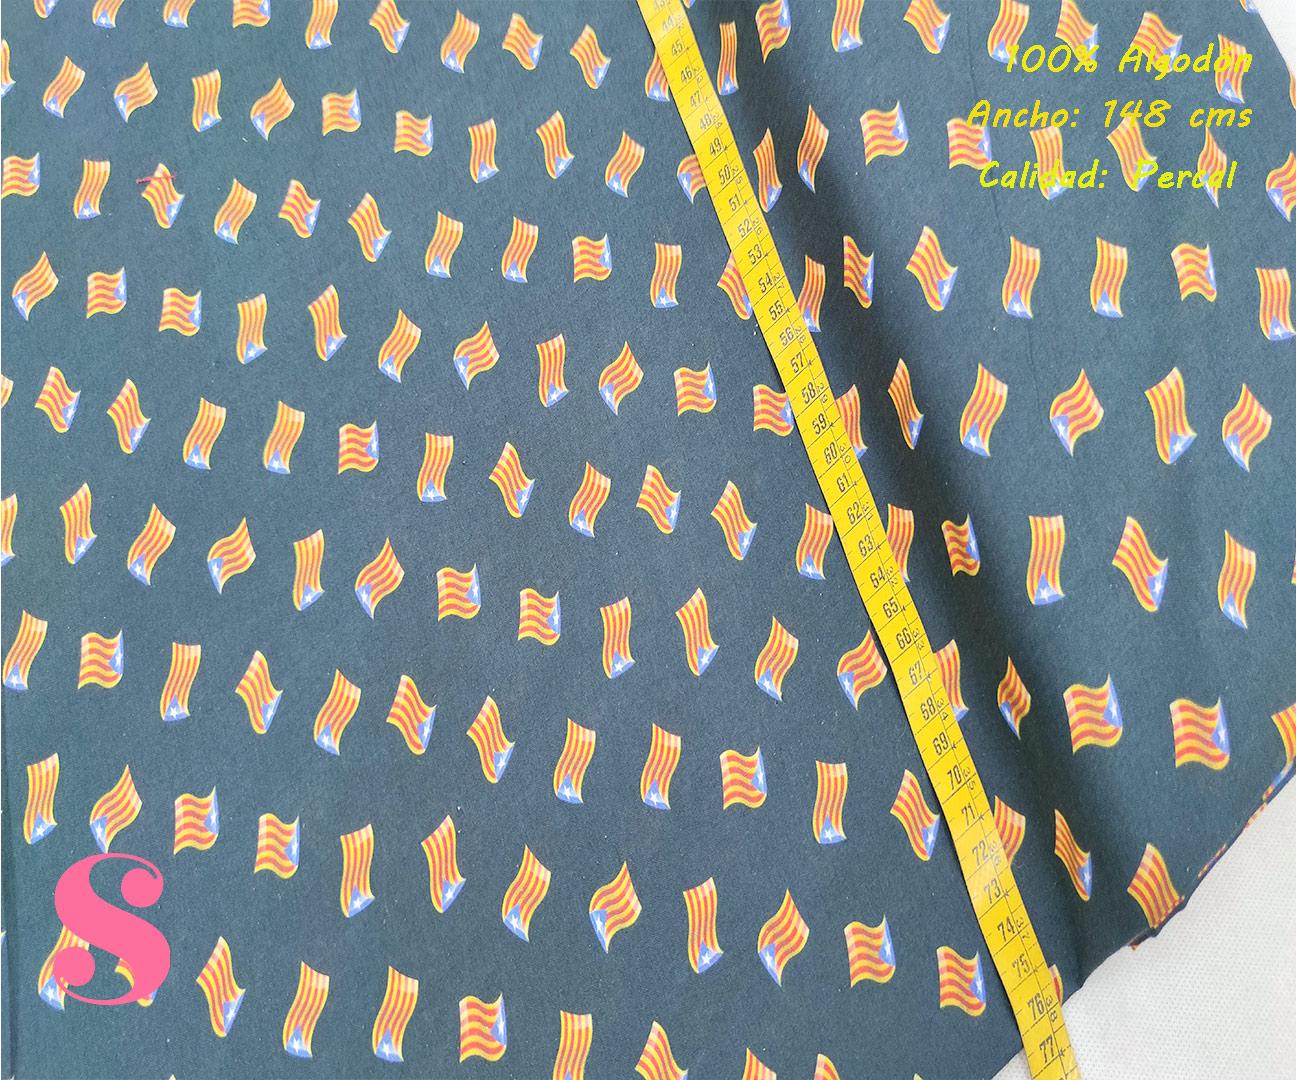 446-banderitas-estelada-cataluña-independentismo-tejidos-algodón-estampado-percal,Tejido Algodón Estampado Banderitas Estelada